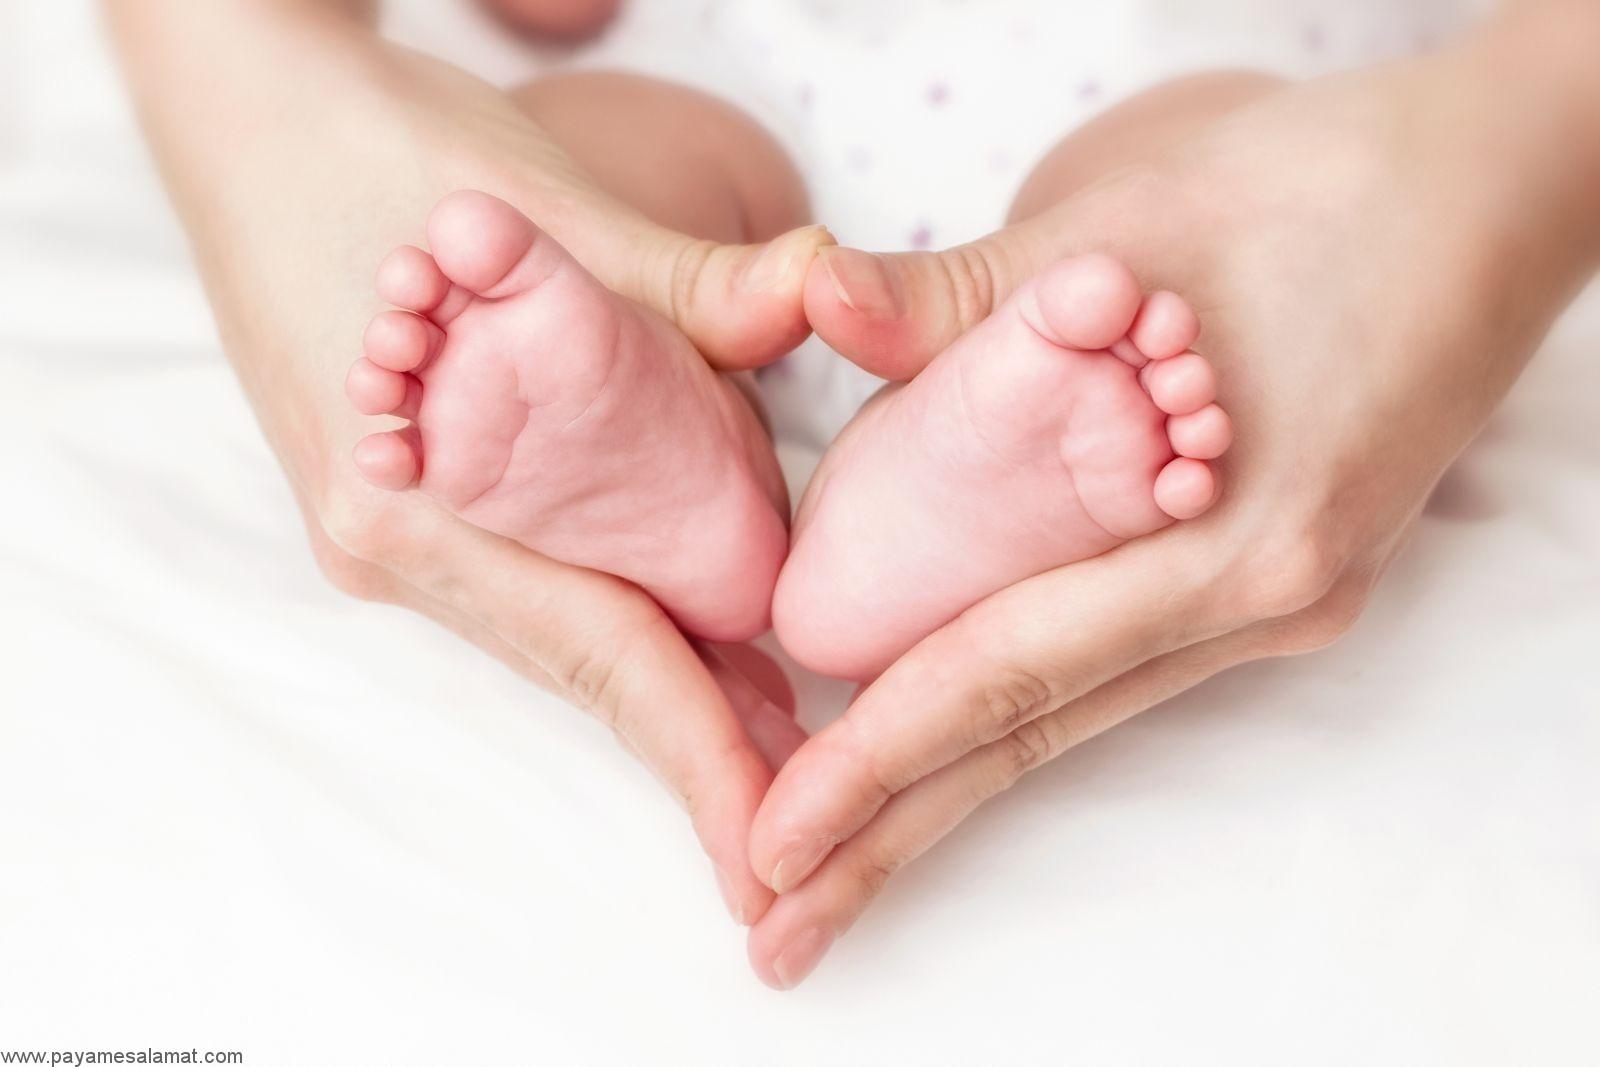 علائم بارداری و ۱۱ نشانه اولیه حاملگی که تمام زنان باید از آن مطلع باشند